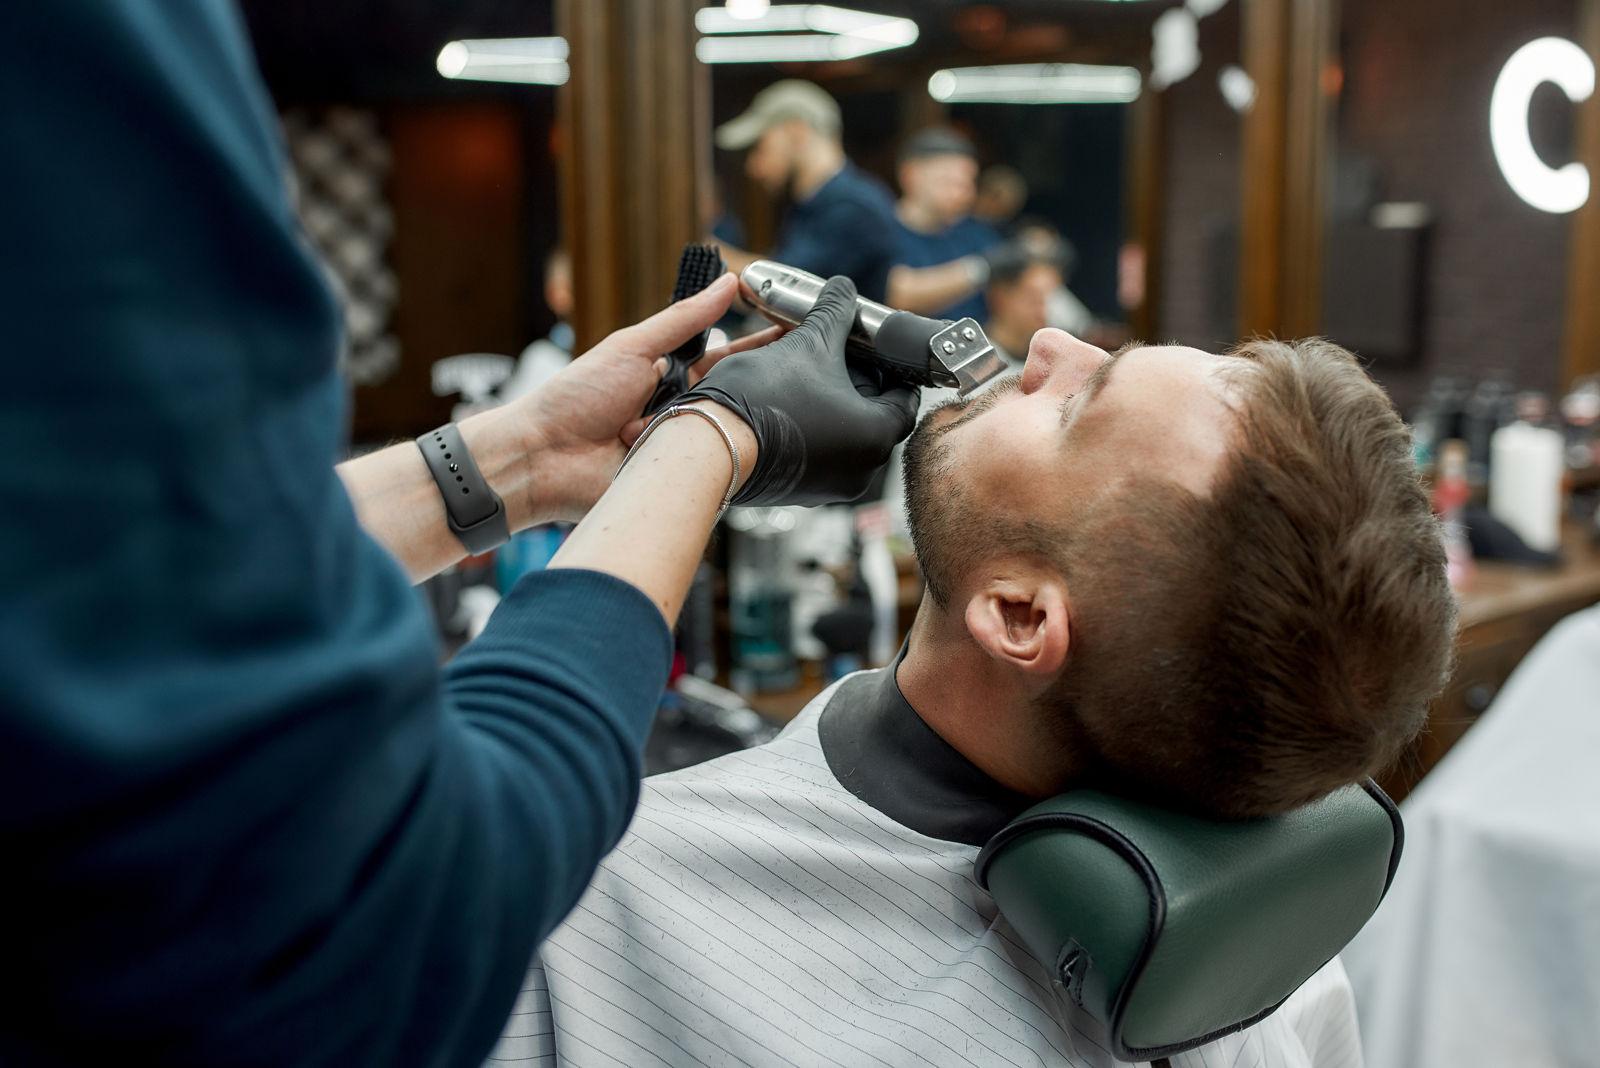 Barbershop carizma - Persoonlijke aandacht